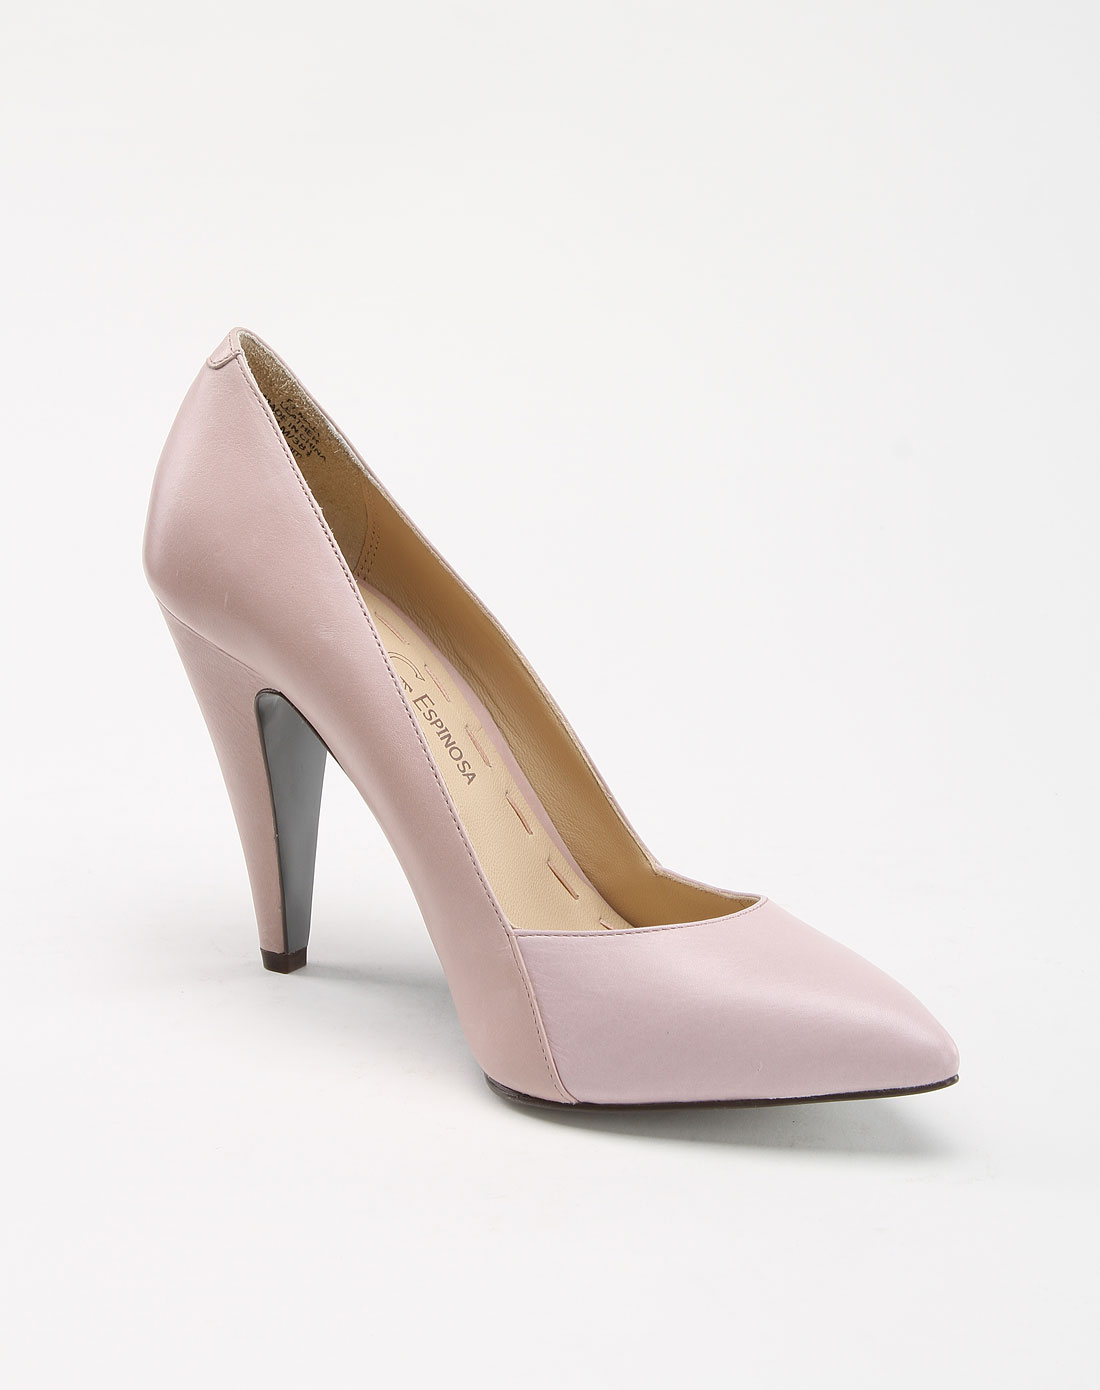 espinosa欧美优雅气质淡粉色高跟鞋ce-i26